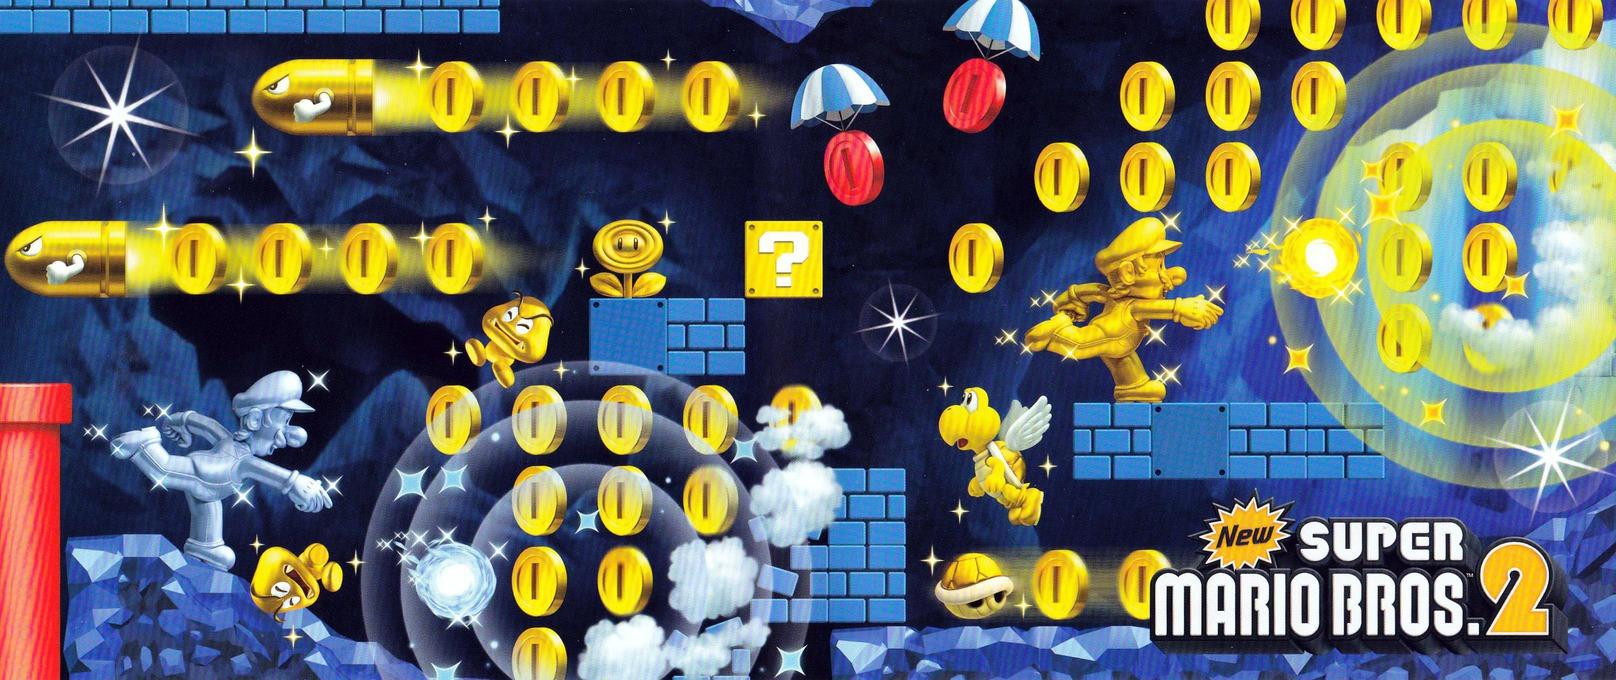 New スーパーマリオブラザーズ 2 3DS coverfullHQ2 (ABEJ)